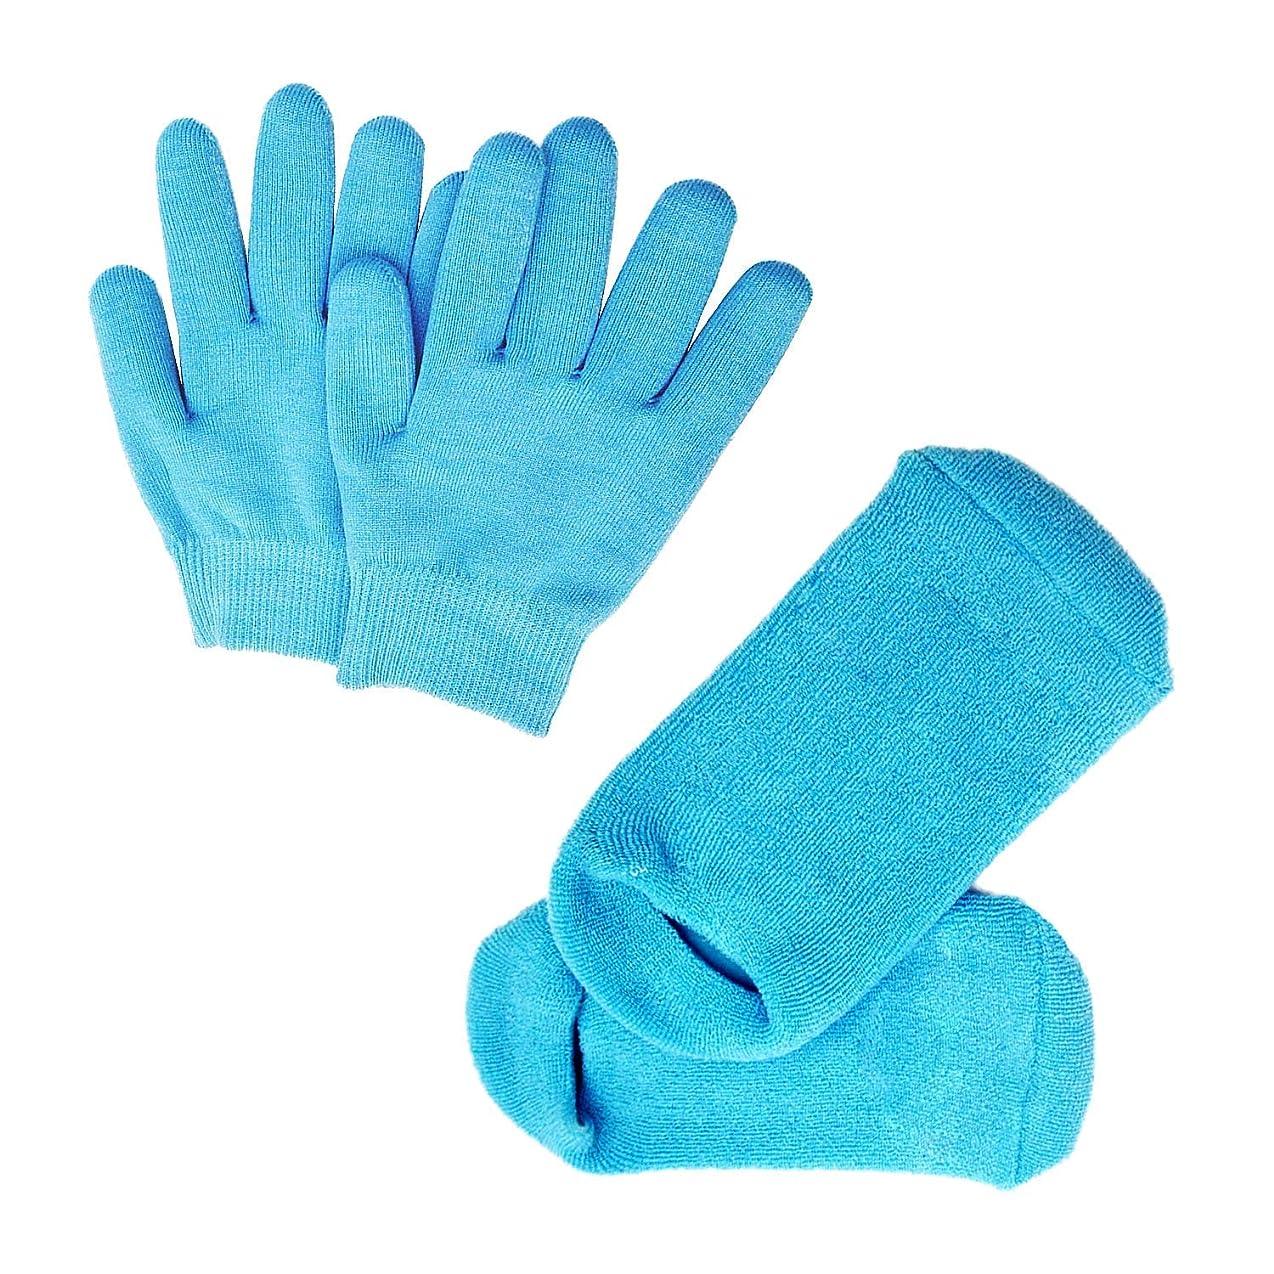 誓約安息疑問を超えてPinkiou 眠る森のSPAジェルグローブ/SPAジェルソックス ハンドケアグローブ/フットケアソックス 角質取り 保湿 かかとケア オープントゥ 素肌美人 靴下と手袋 一セット スバ いいお肌になりましょう(ブルー)